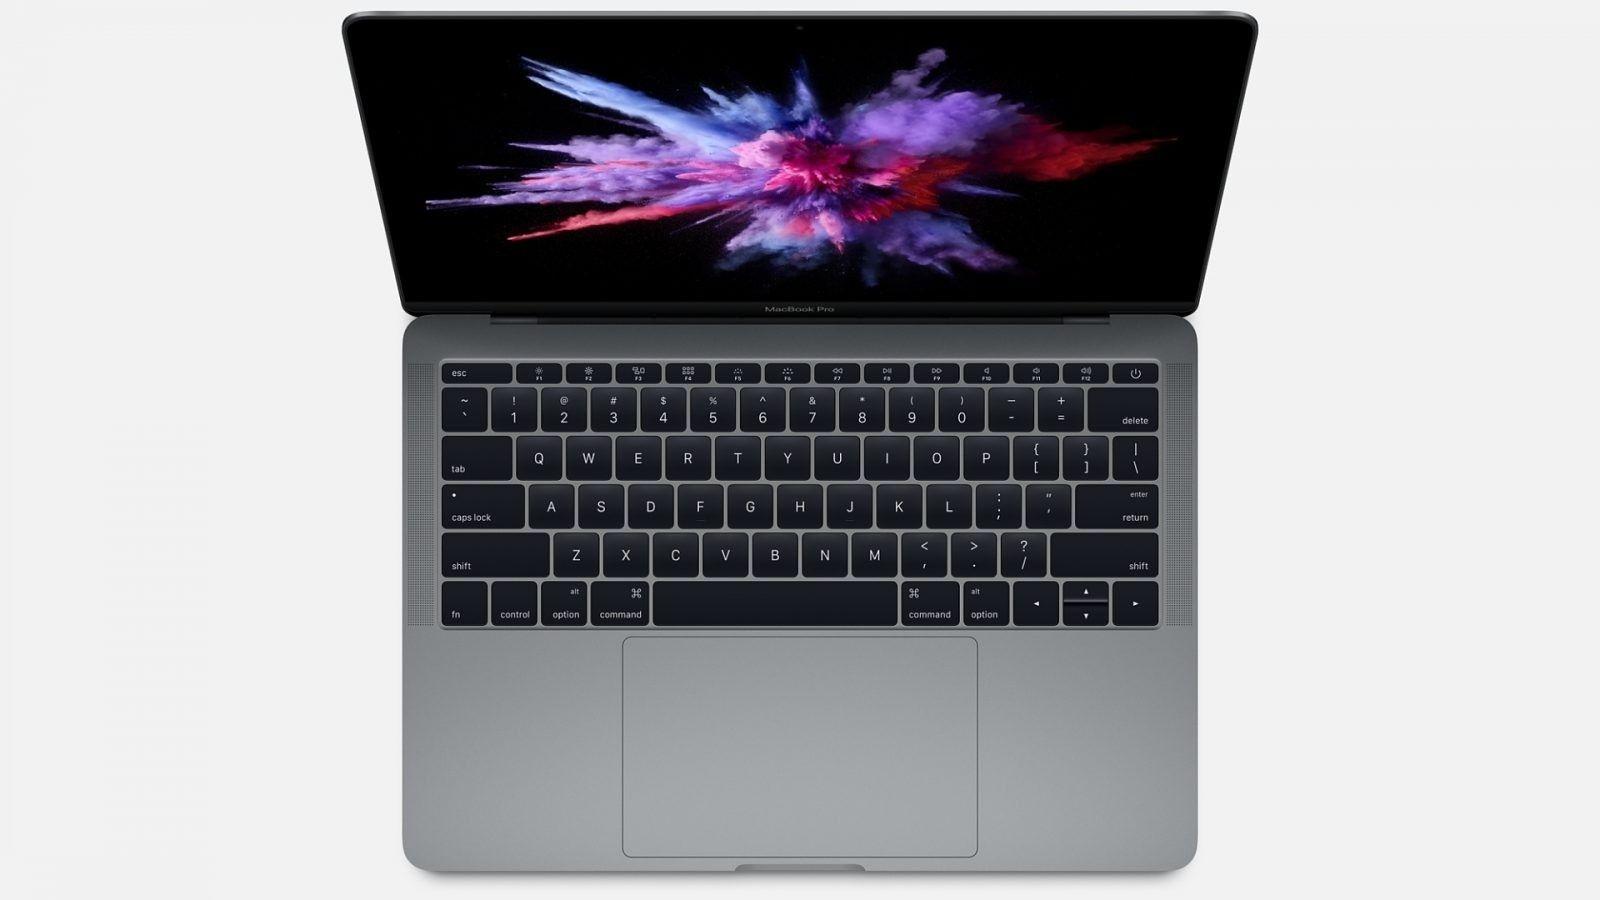 Jak w szybki sposób wymusić zamknięcie aplikacji na Macu?